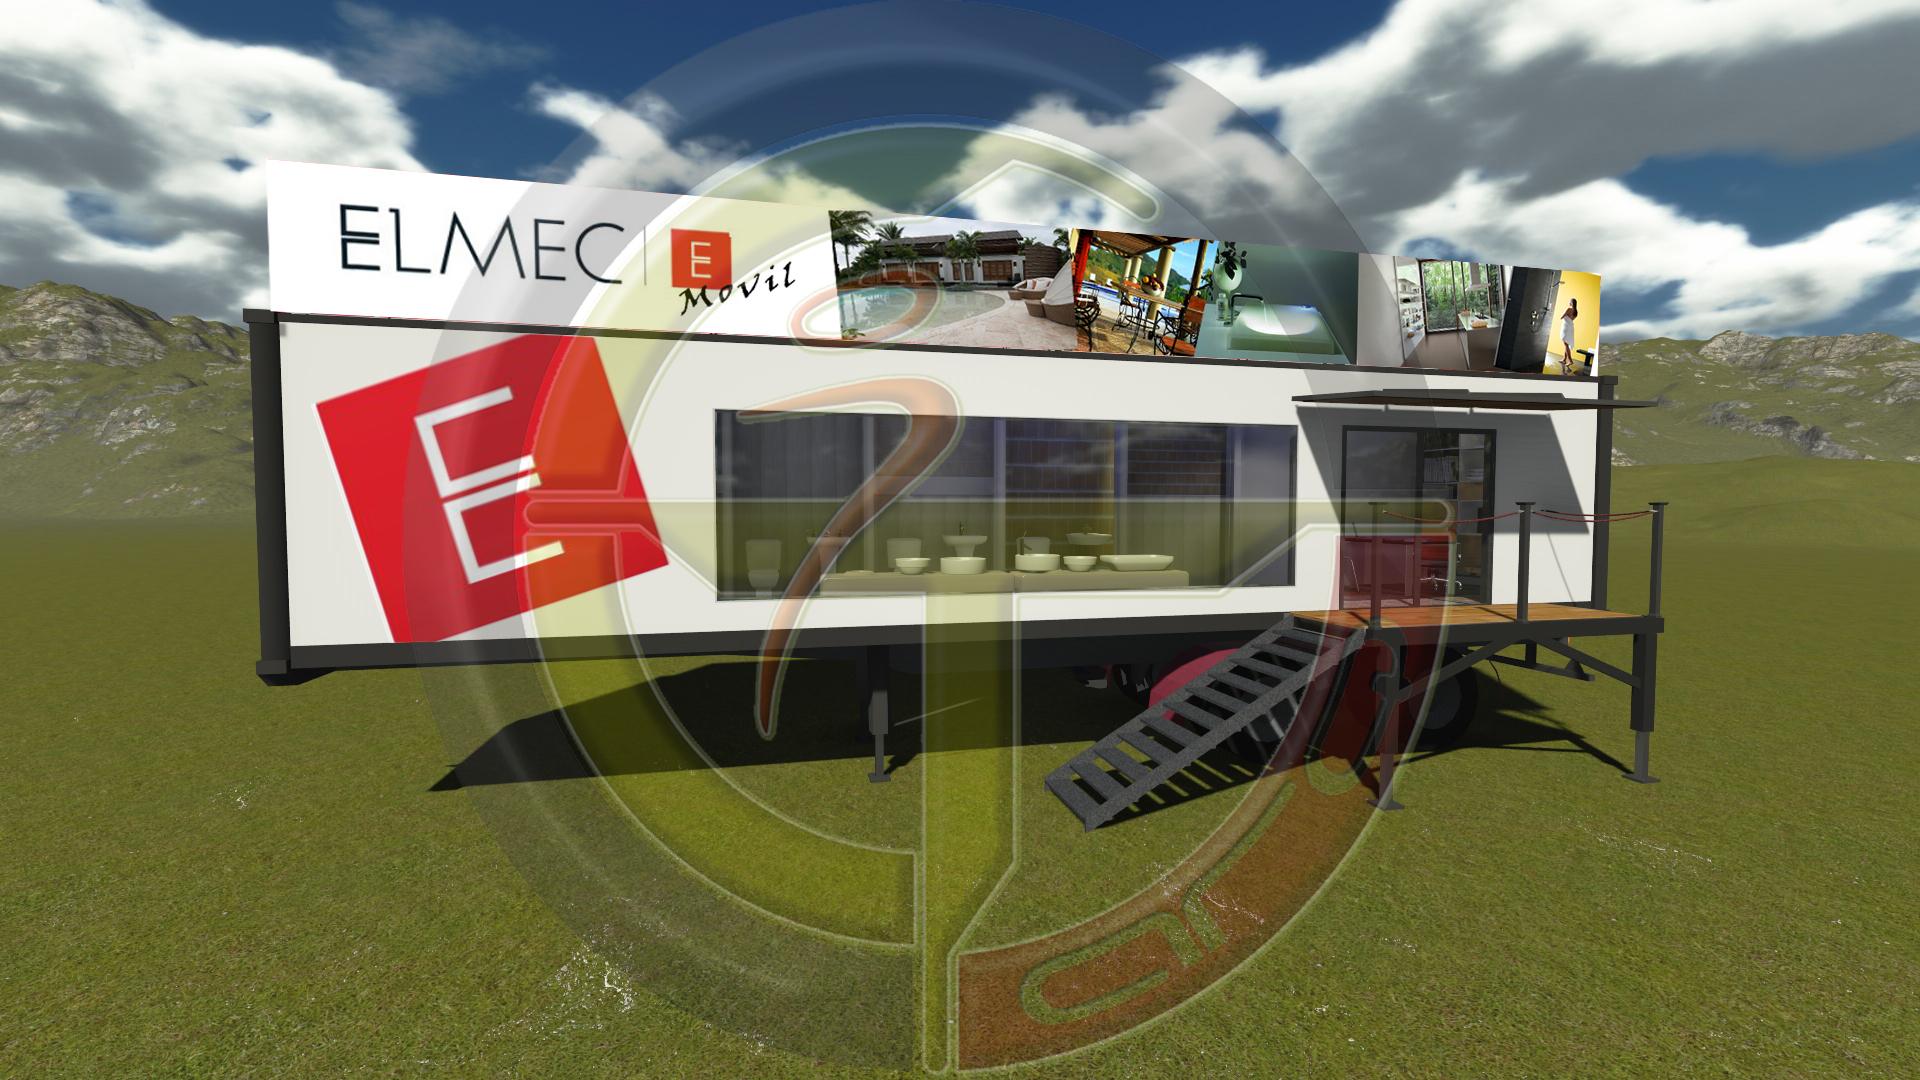 ELMEC Movil